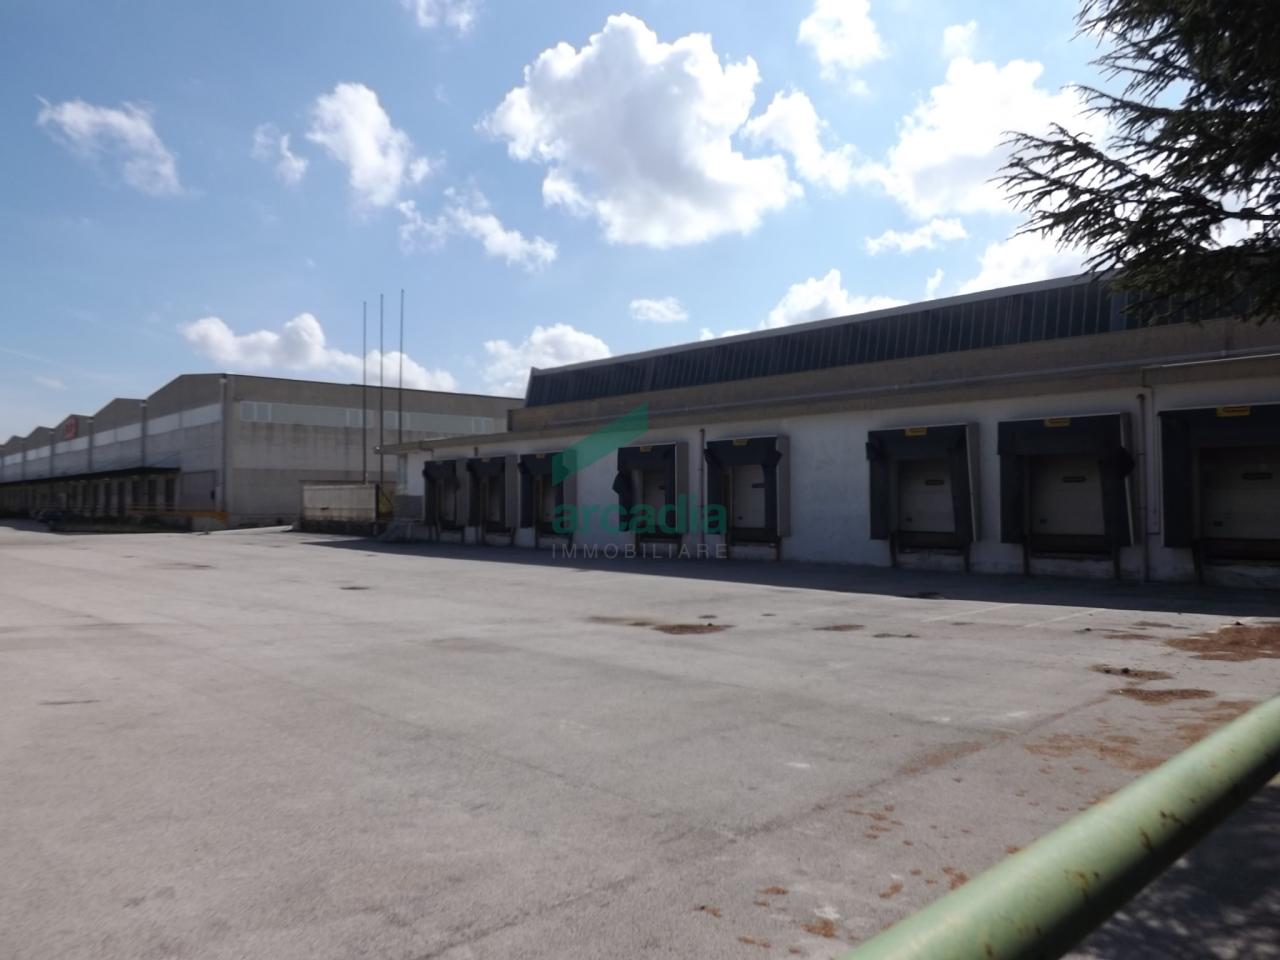 Capannone - Logistica a Zona Industriale, Modugno Rif. 4140406